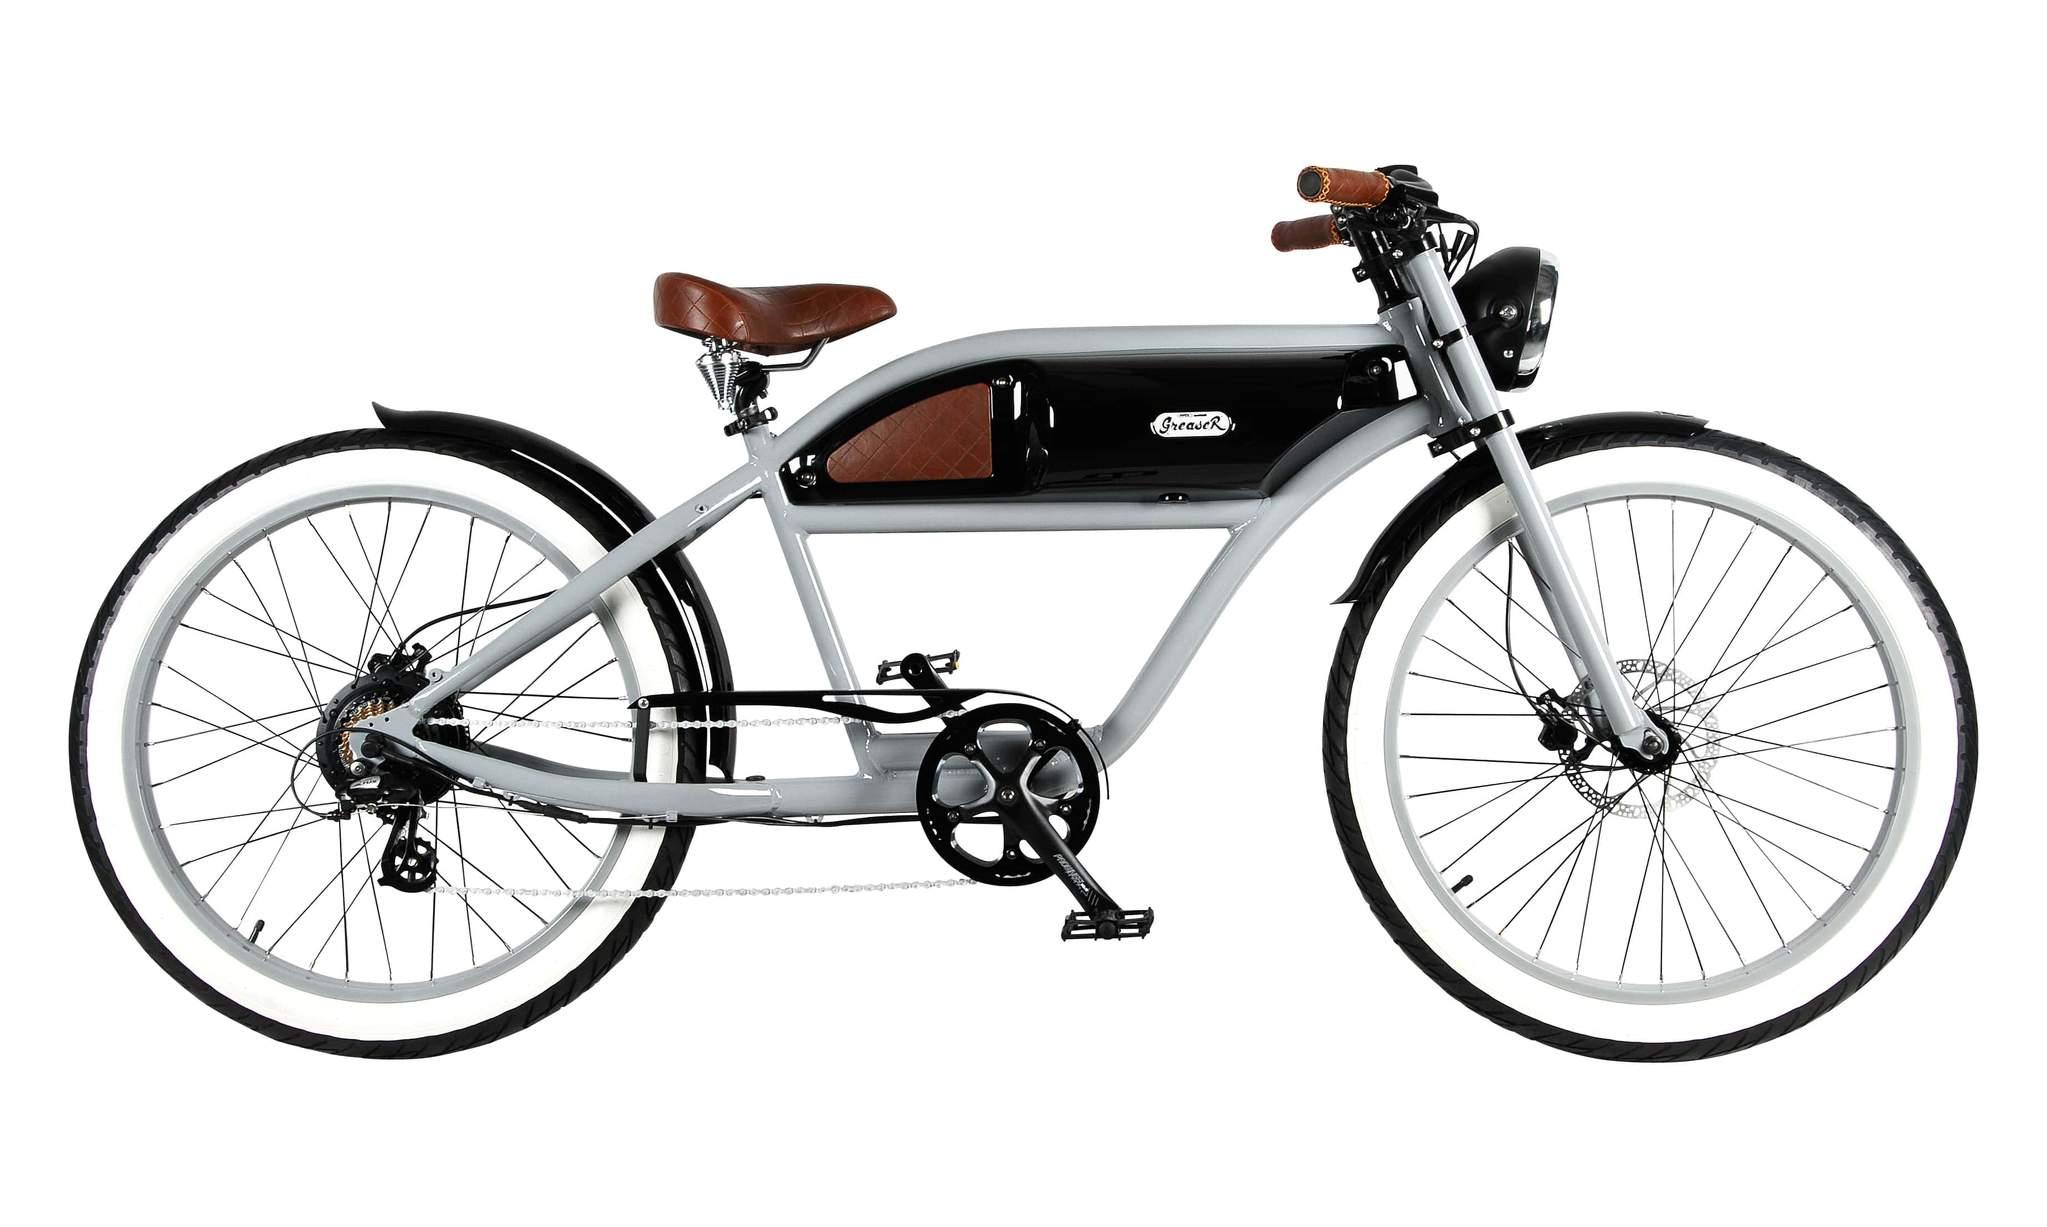 Greaser Electric Bike